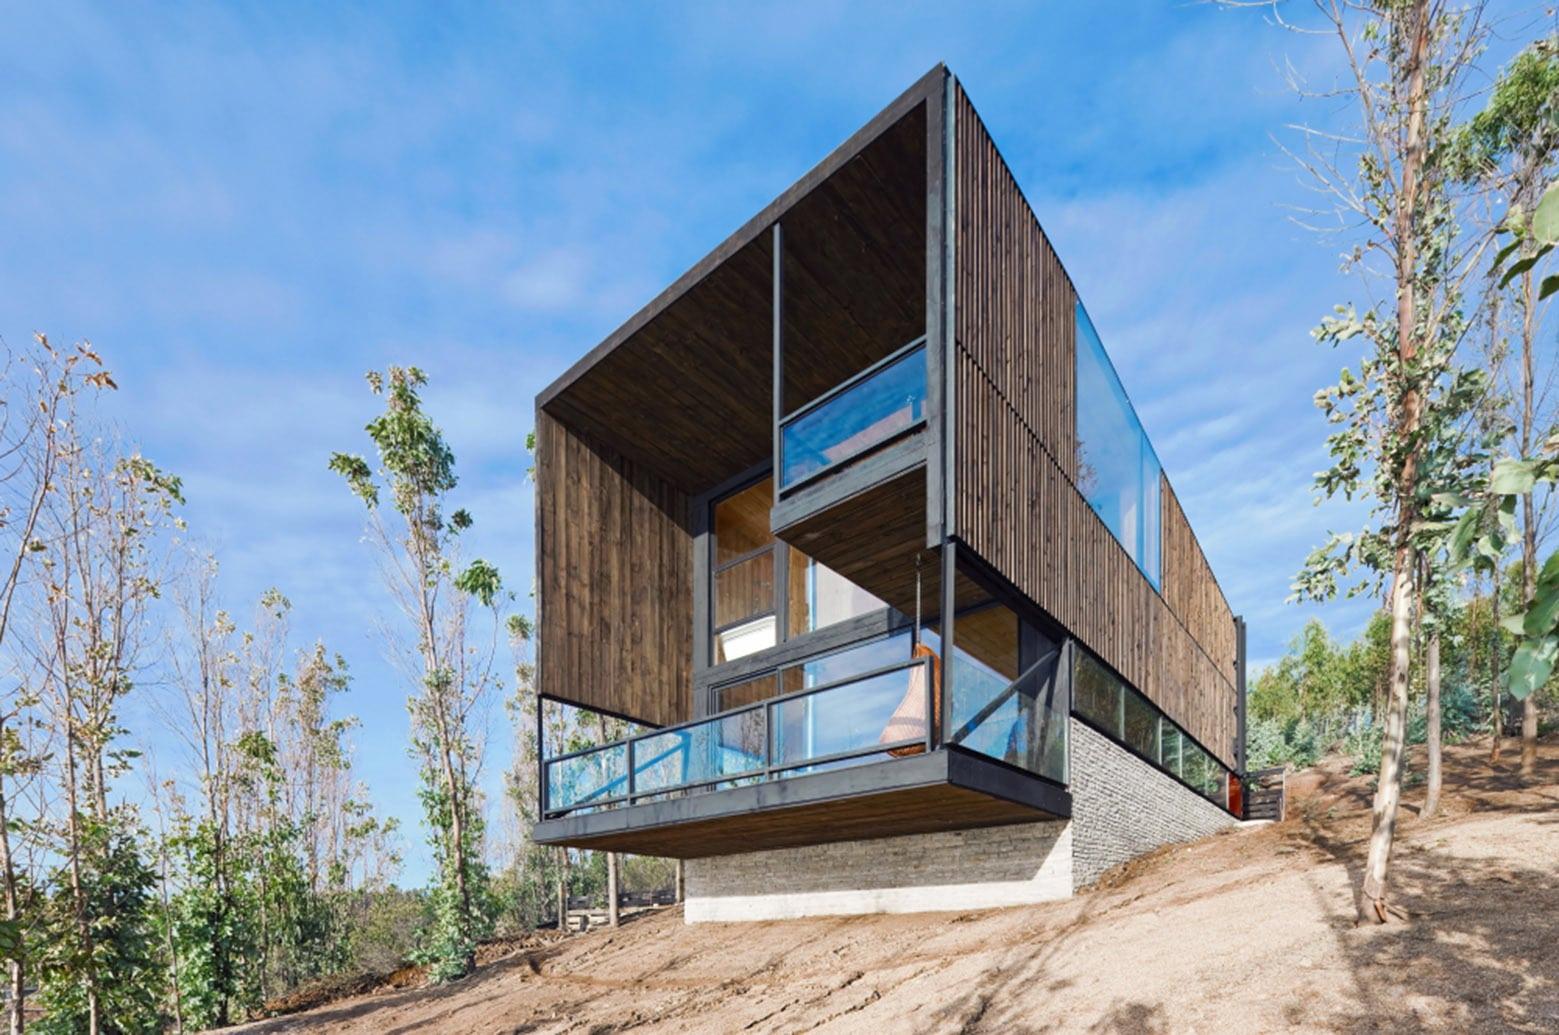 Dise o de casa moderna de dos pisos con planos for Diseno para casas de 2 pisos